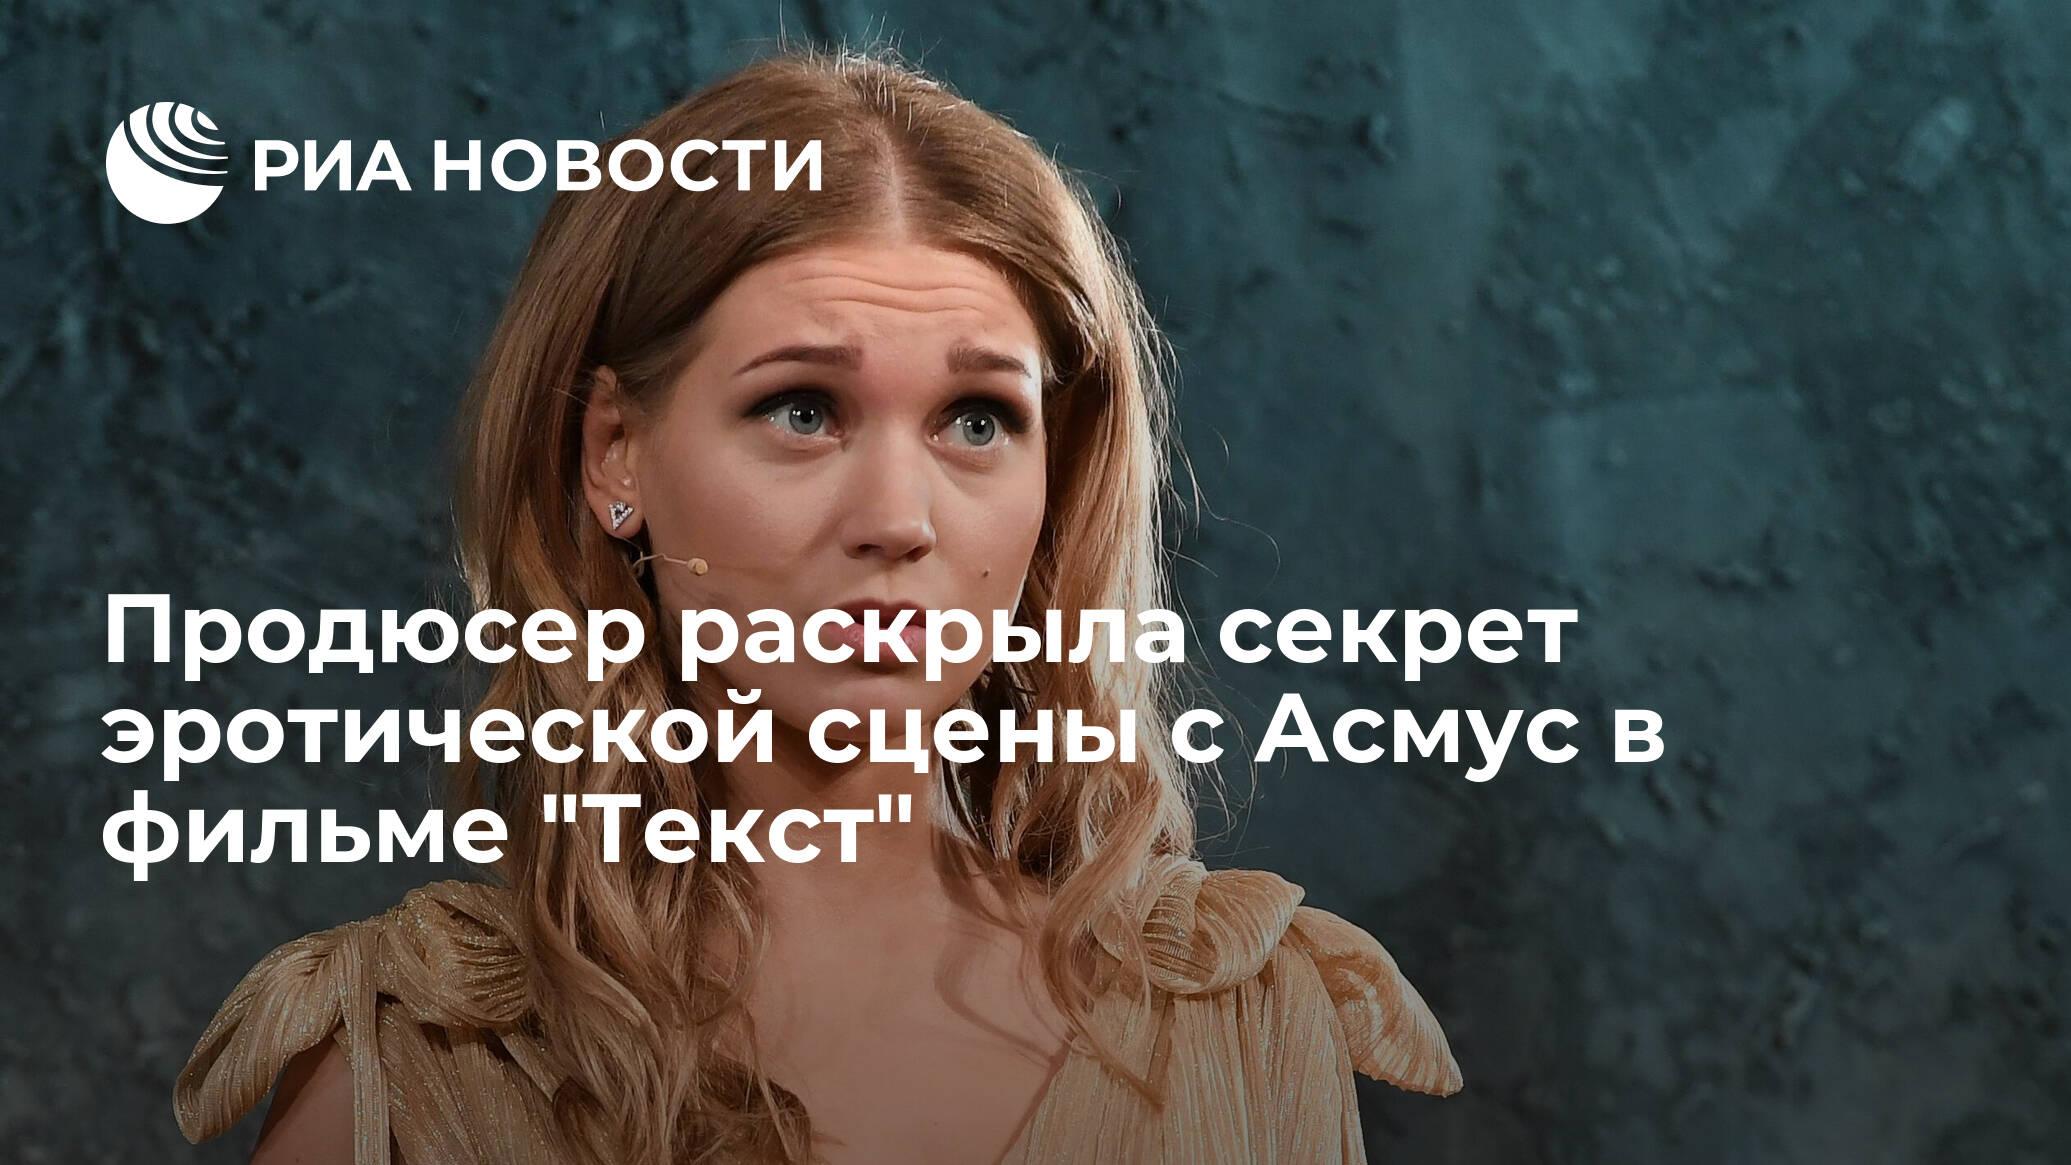 Фильм девушка из банка смотреть онлайн